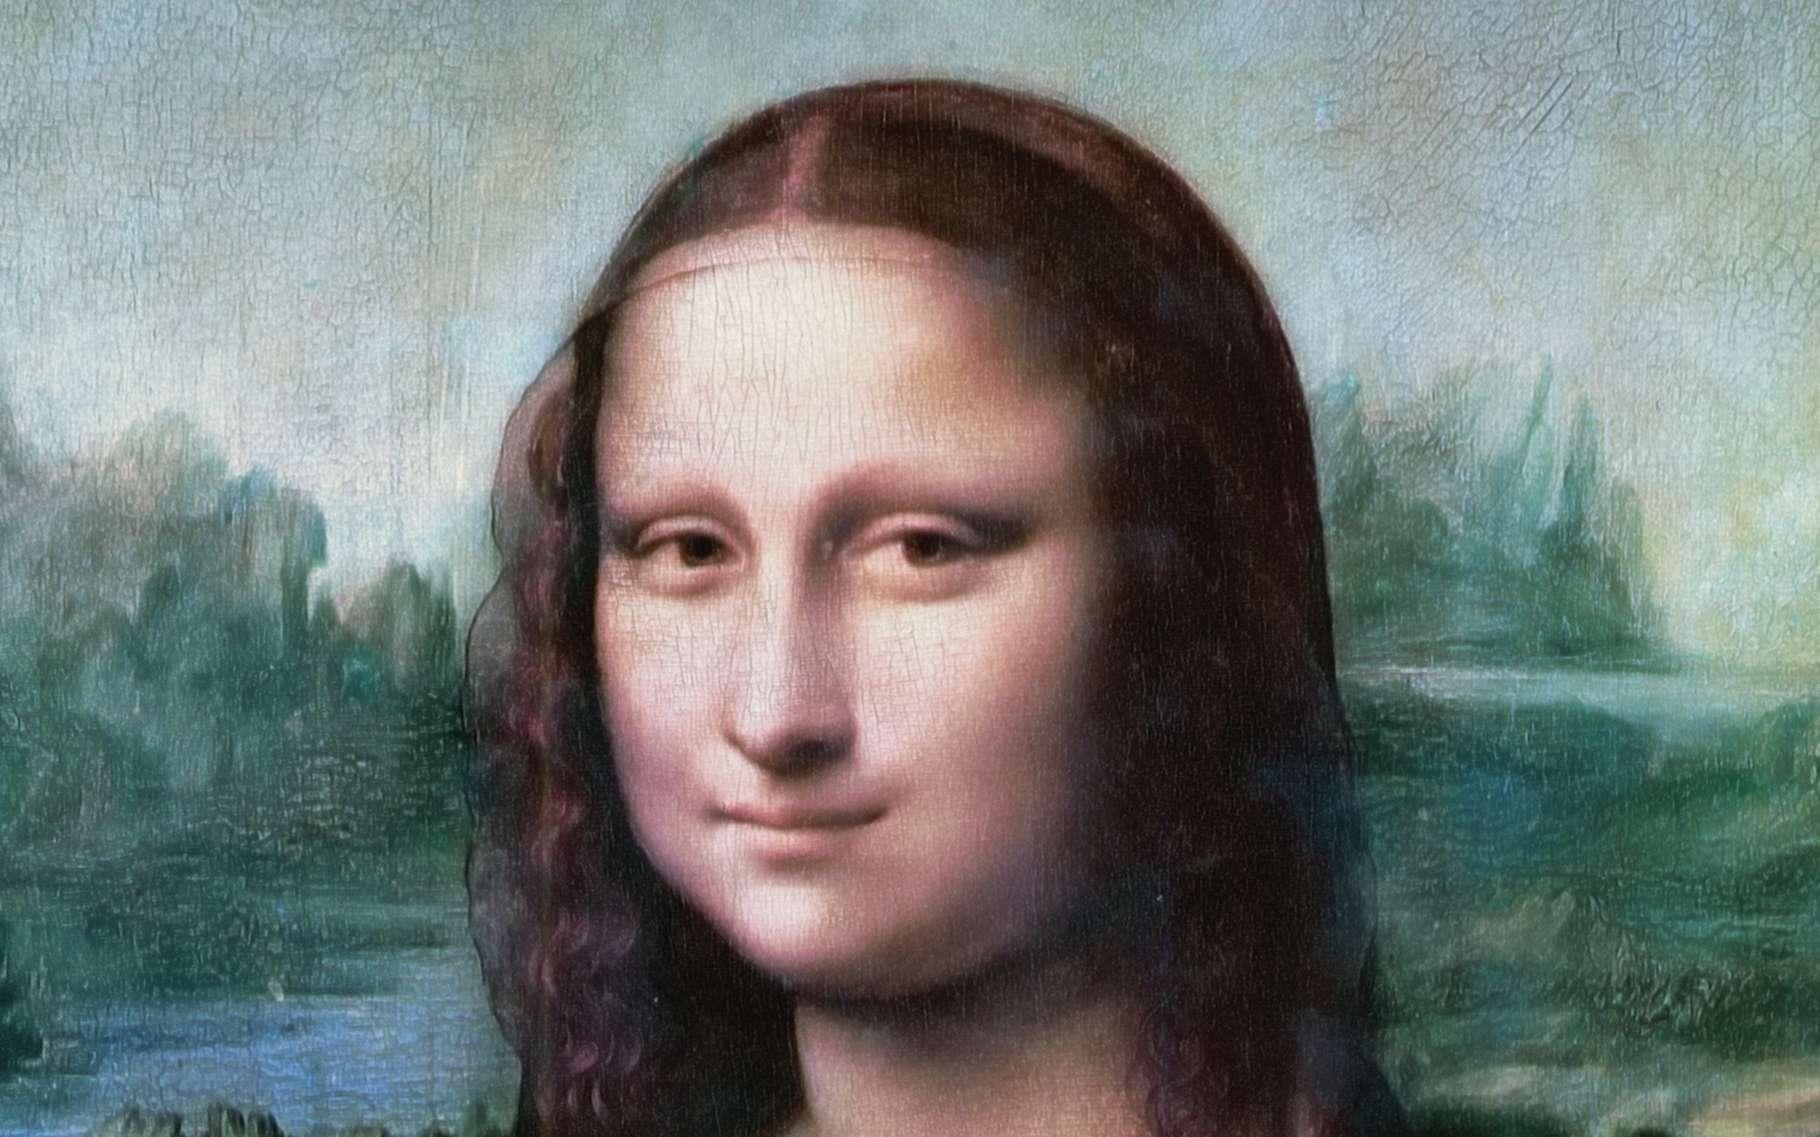 Concernant La Joconde et selon les chercheurs de l'université de Bielefeld (Allemagne), l'effet Mona Lisa rapporté par les visiteurs du Louvre illustrerait simplement le fort désir que nous avons d'être le centre de l'attention de quelqu'un d'autre. © janeb13, Pixabay, CC0 Creative Commons